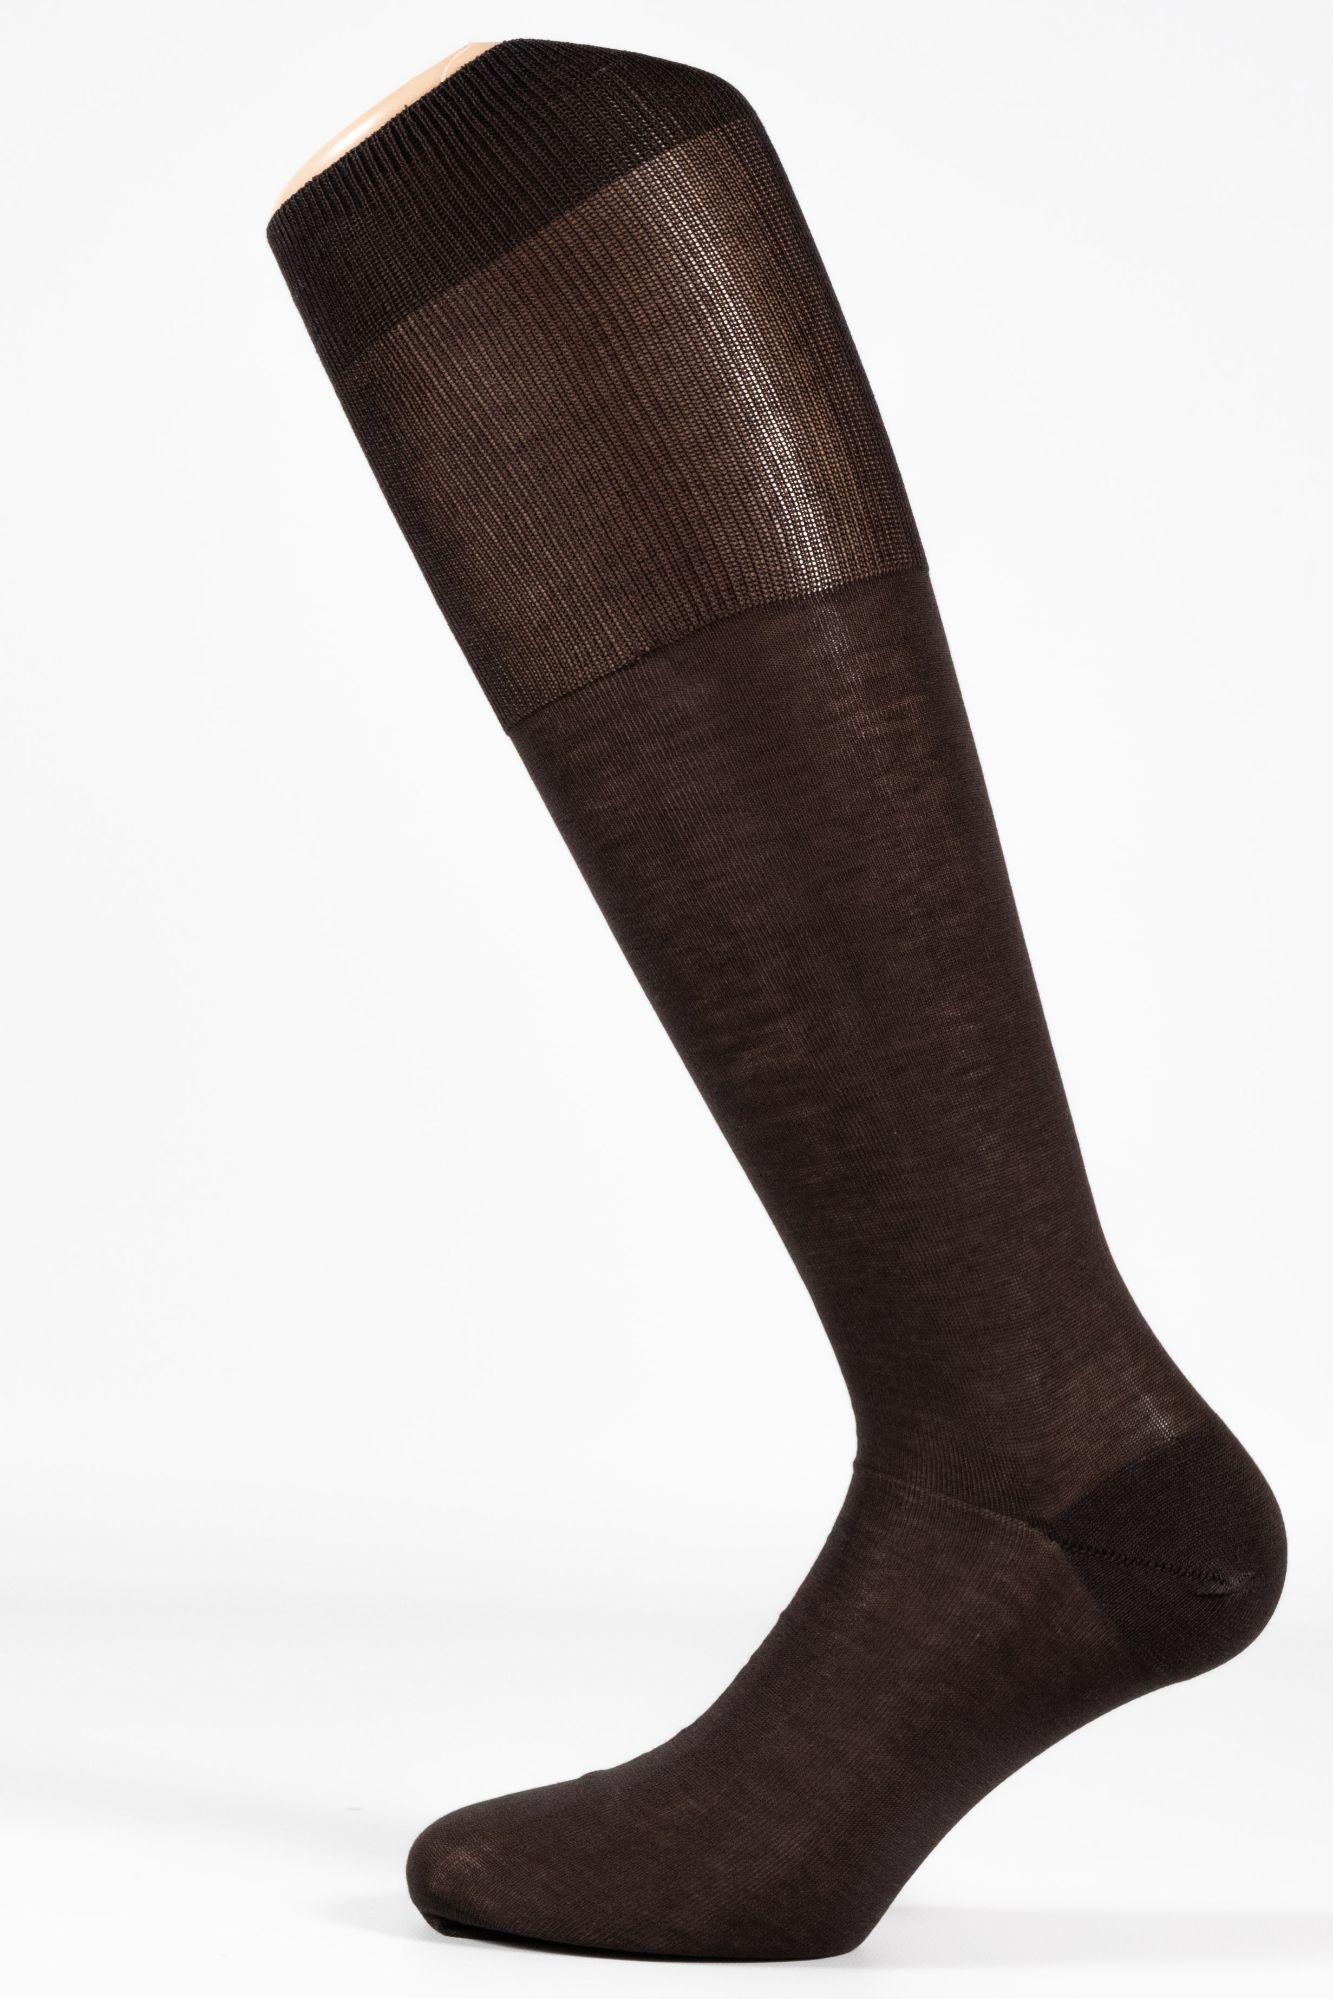 calza-classica-lunga-con-polsino-inglese-antracite